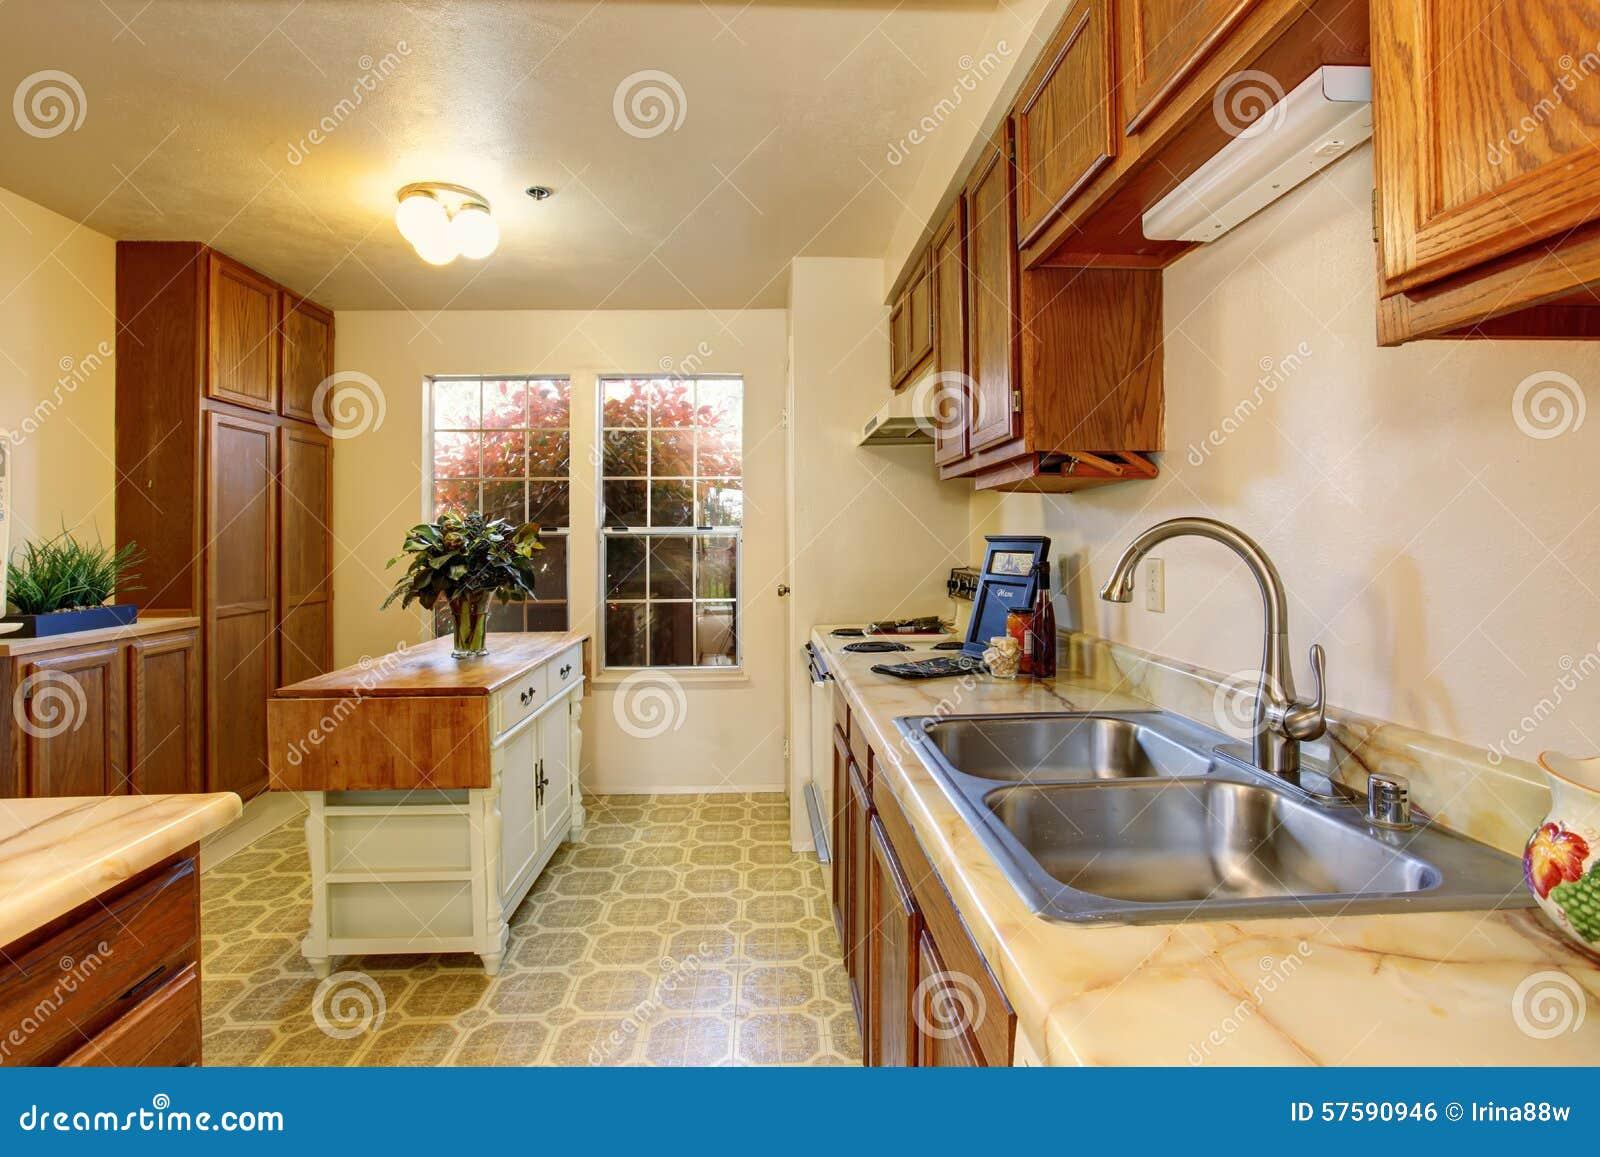 Cozinha Tradicional Com Assoalho De Telha E Ilha Pequena Foto De